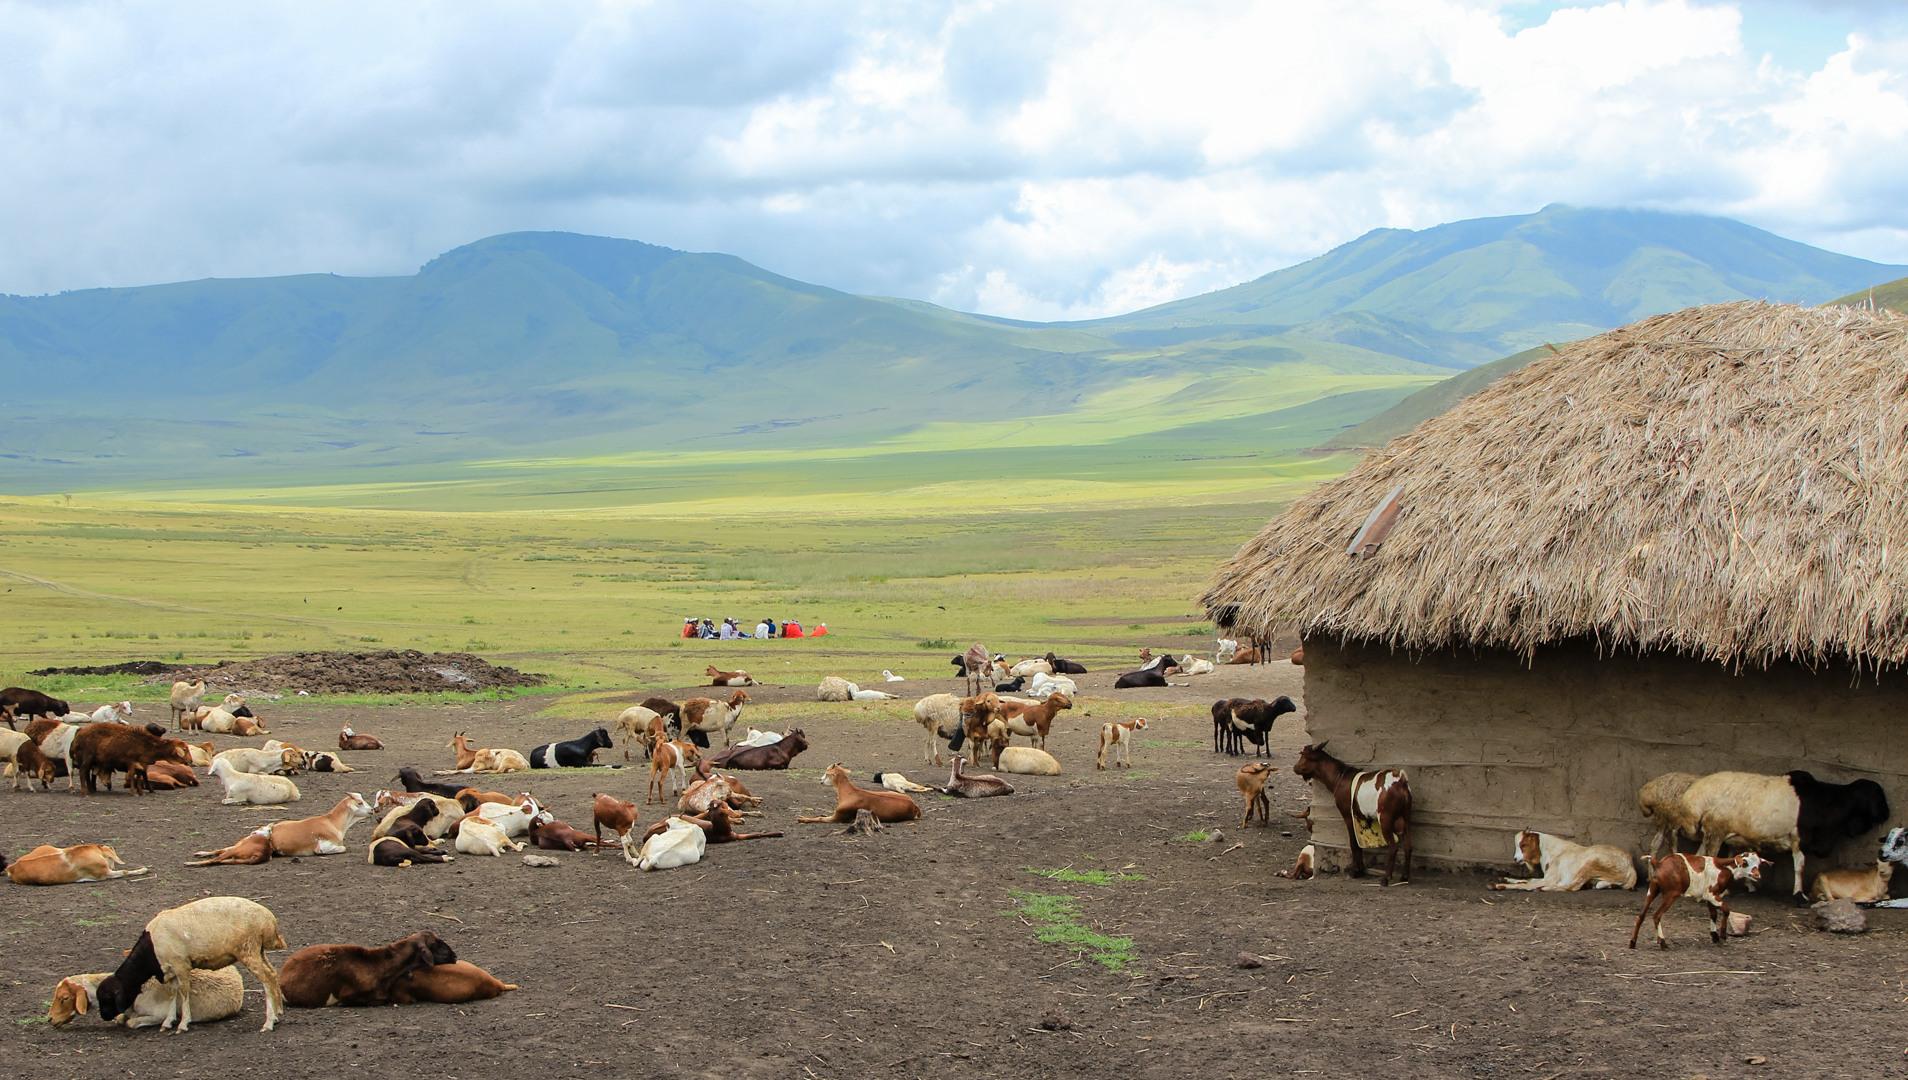 lеревня масаев, кратер Нгоронгоро